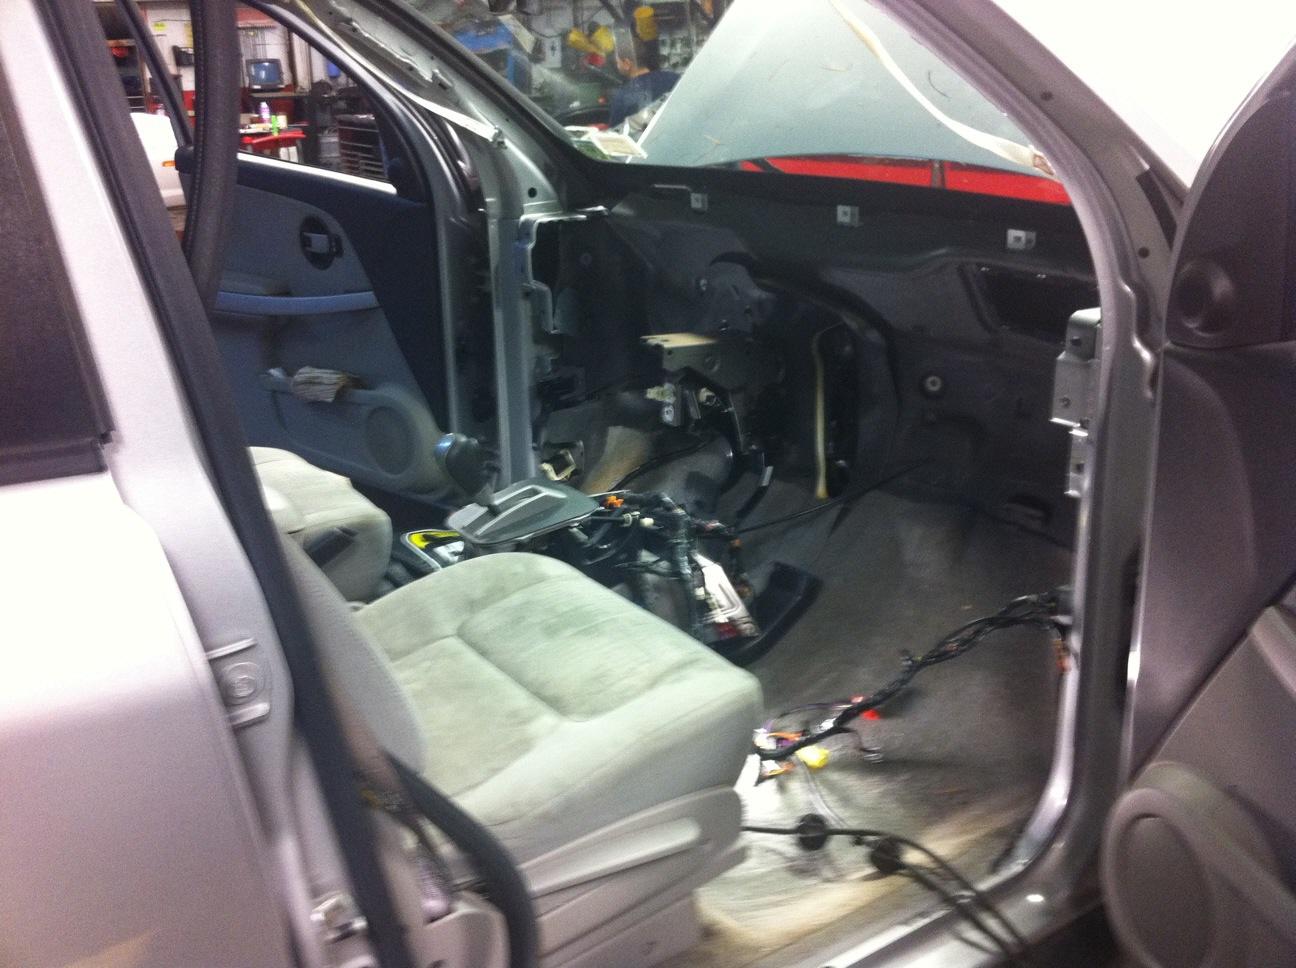 2006 Chevrolet Equinox Blend Door Repair